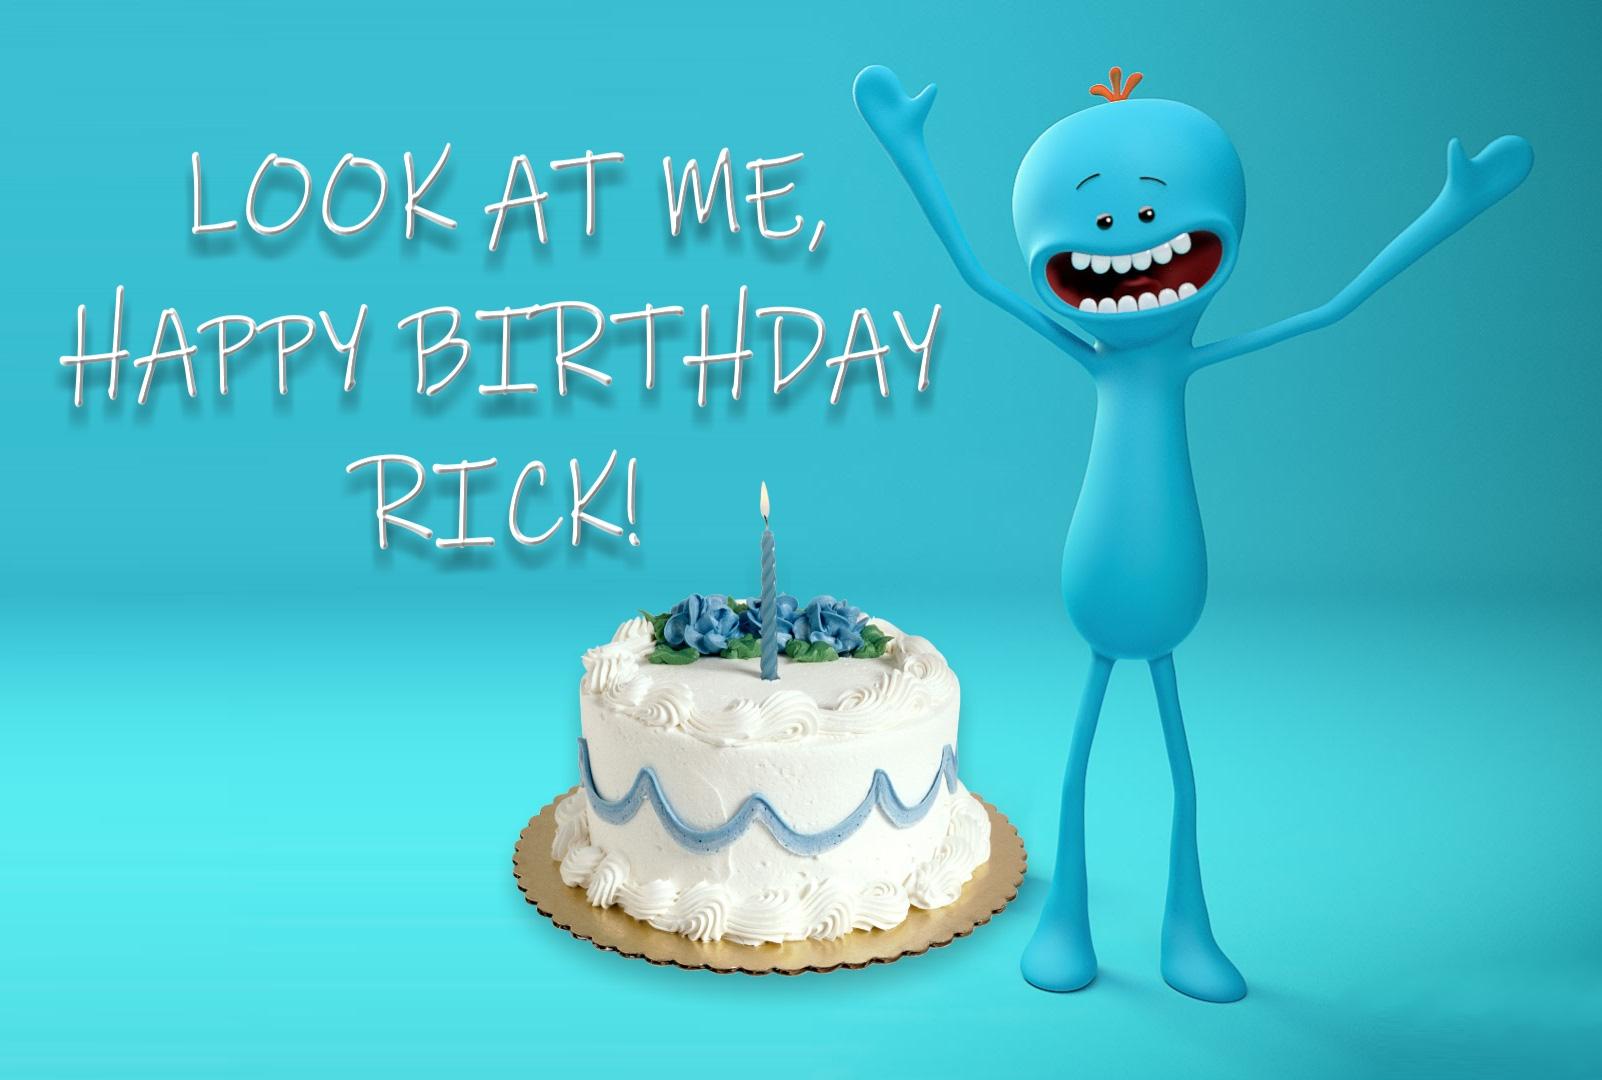 bIRTHDAY_rICK.jpg